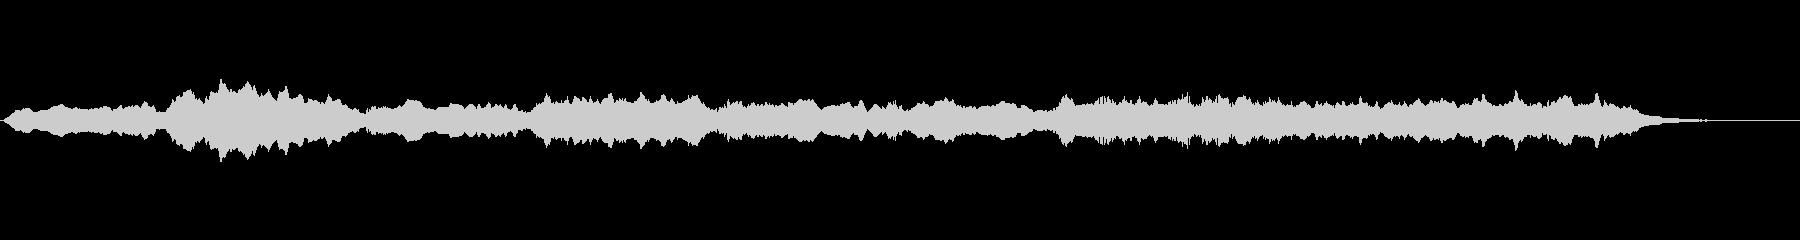 ビルボード:シンフォニックストリン...の未再生の波形